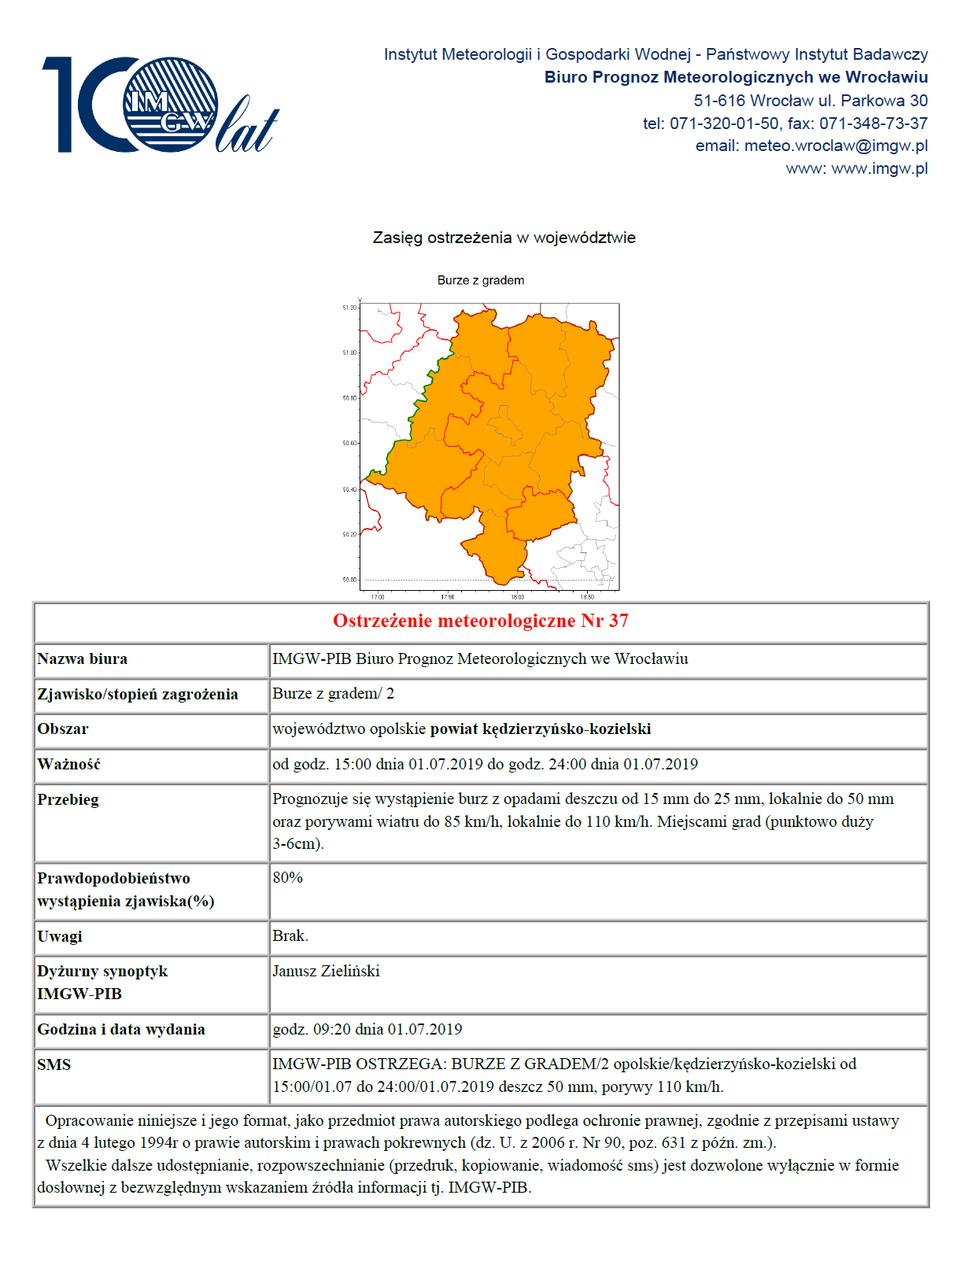 Ostrzeżenie meteorologiczne nr 37 z 01.07.2019.png